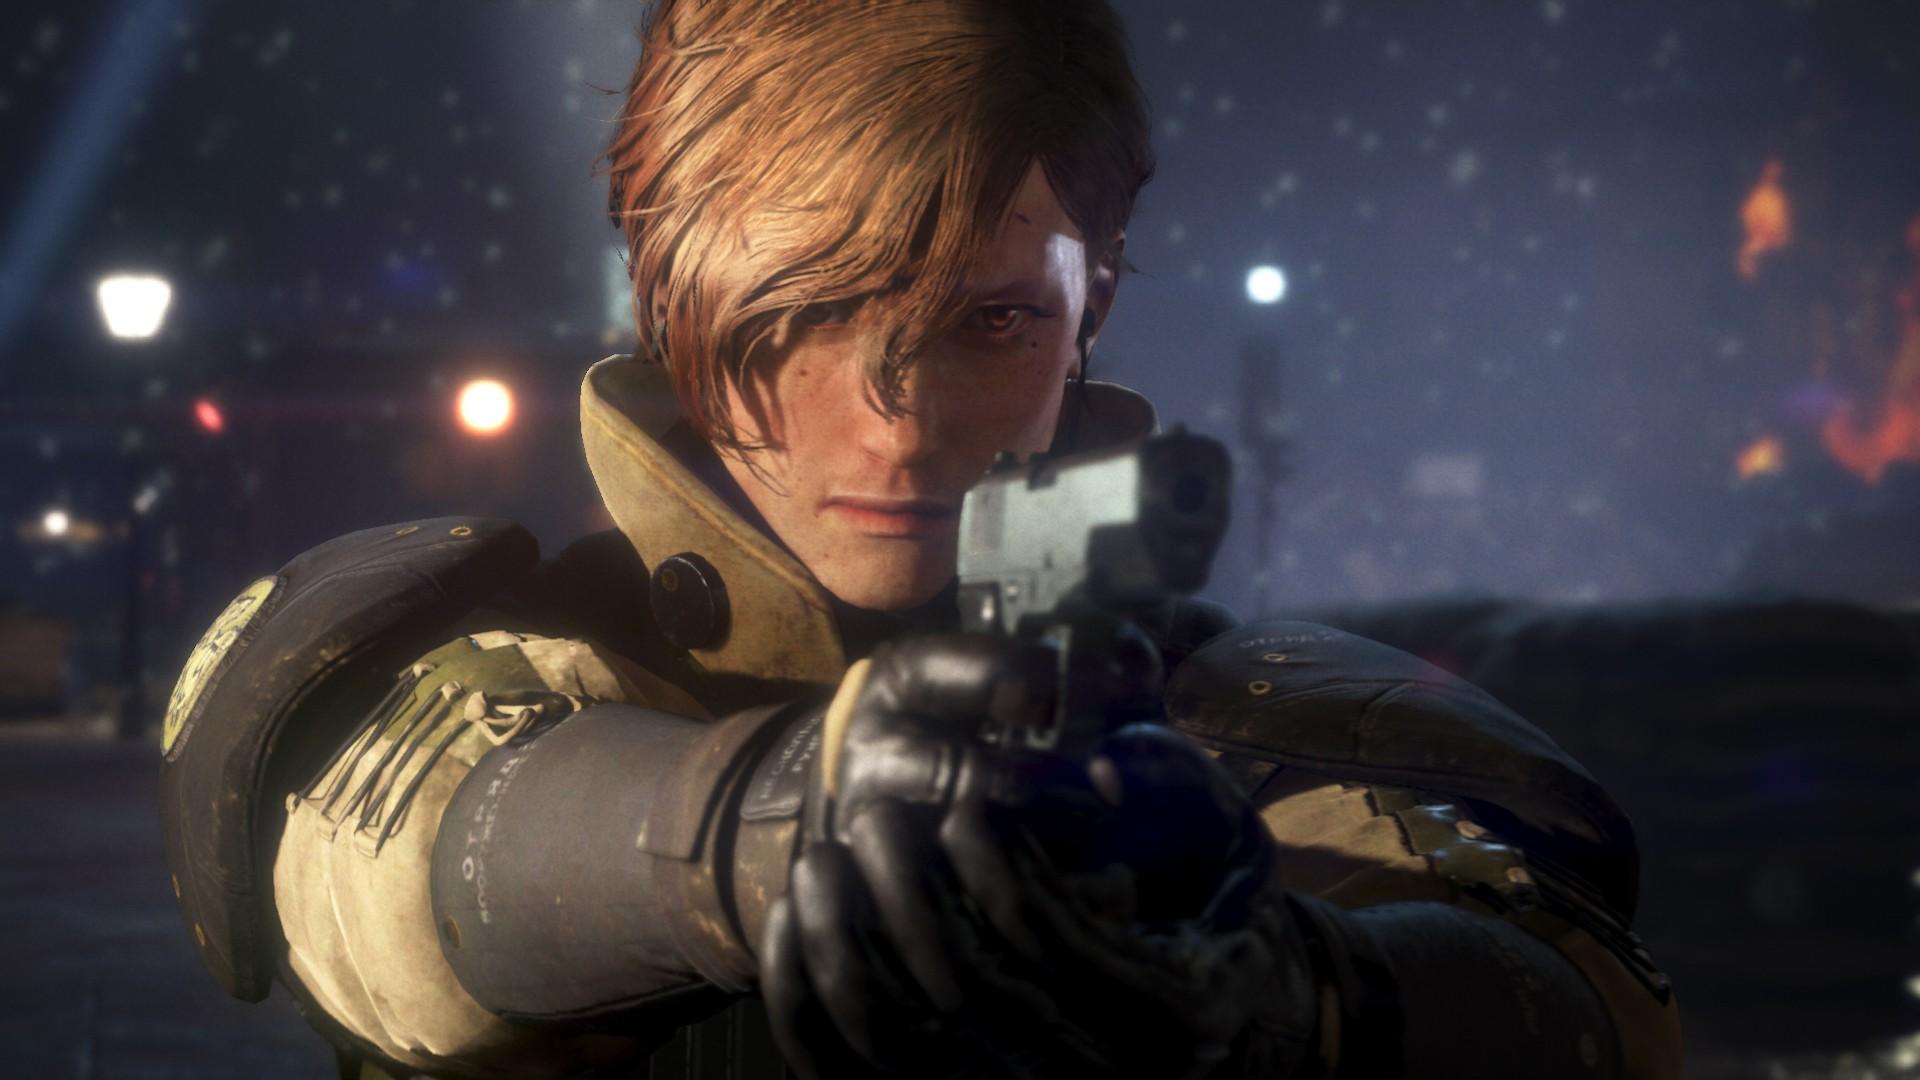 Metacritic назвал 10 худших игр 2019 года: Left Alive, FIFA 20 и другие